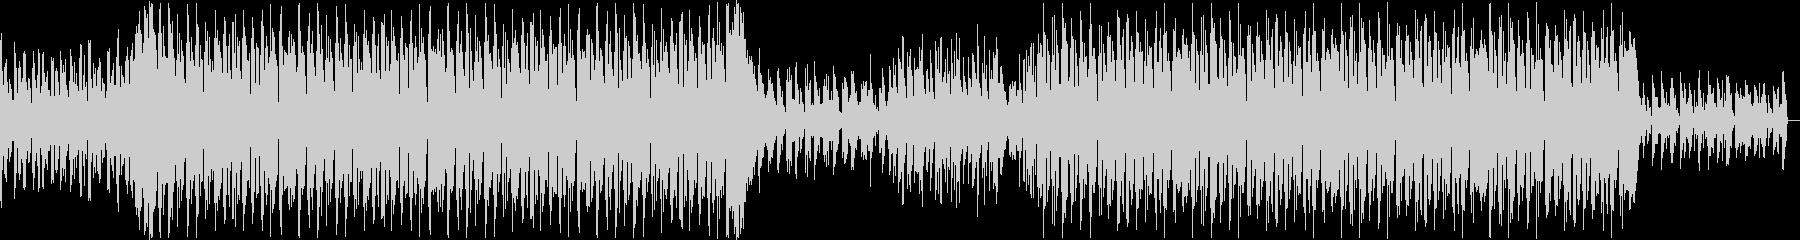 淡々とした冷たい印象のテクノ・ハウス楽曲の未再生の波形